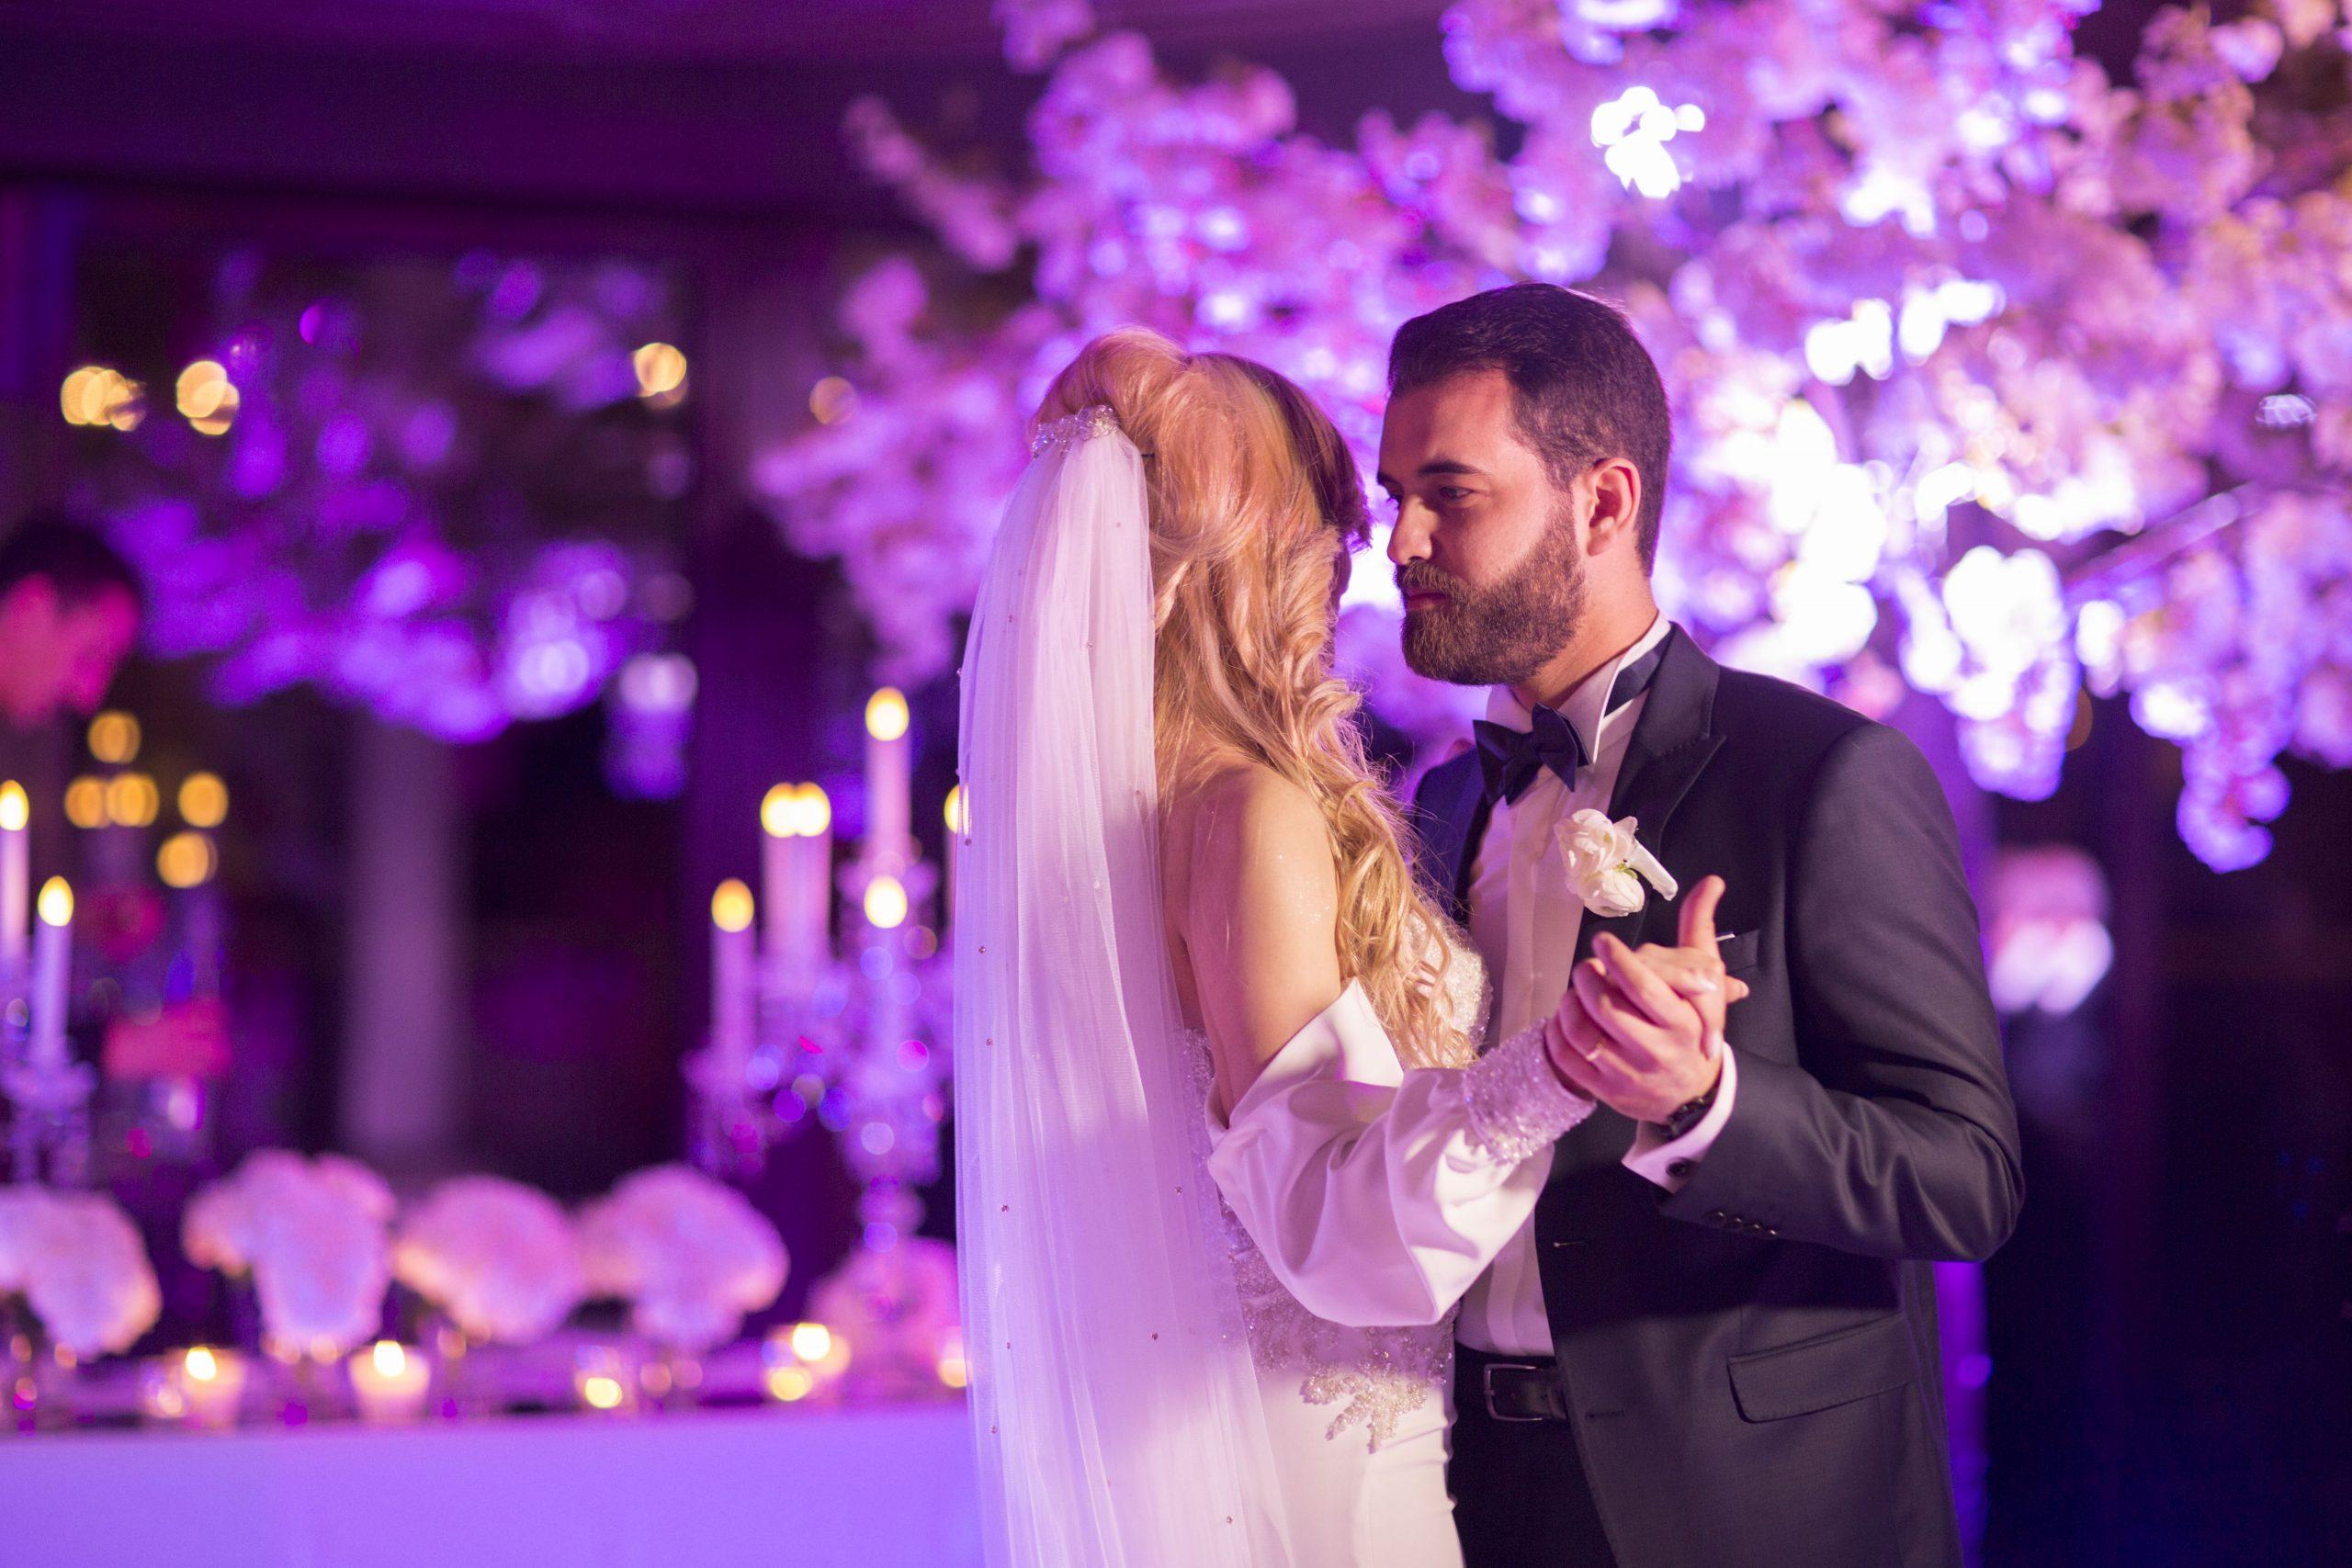 photographe-mariage-soirée-ouverture-de-bal-mariés